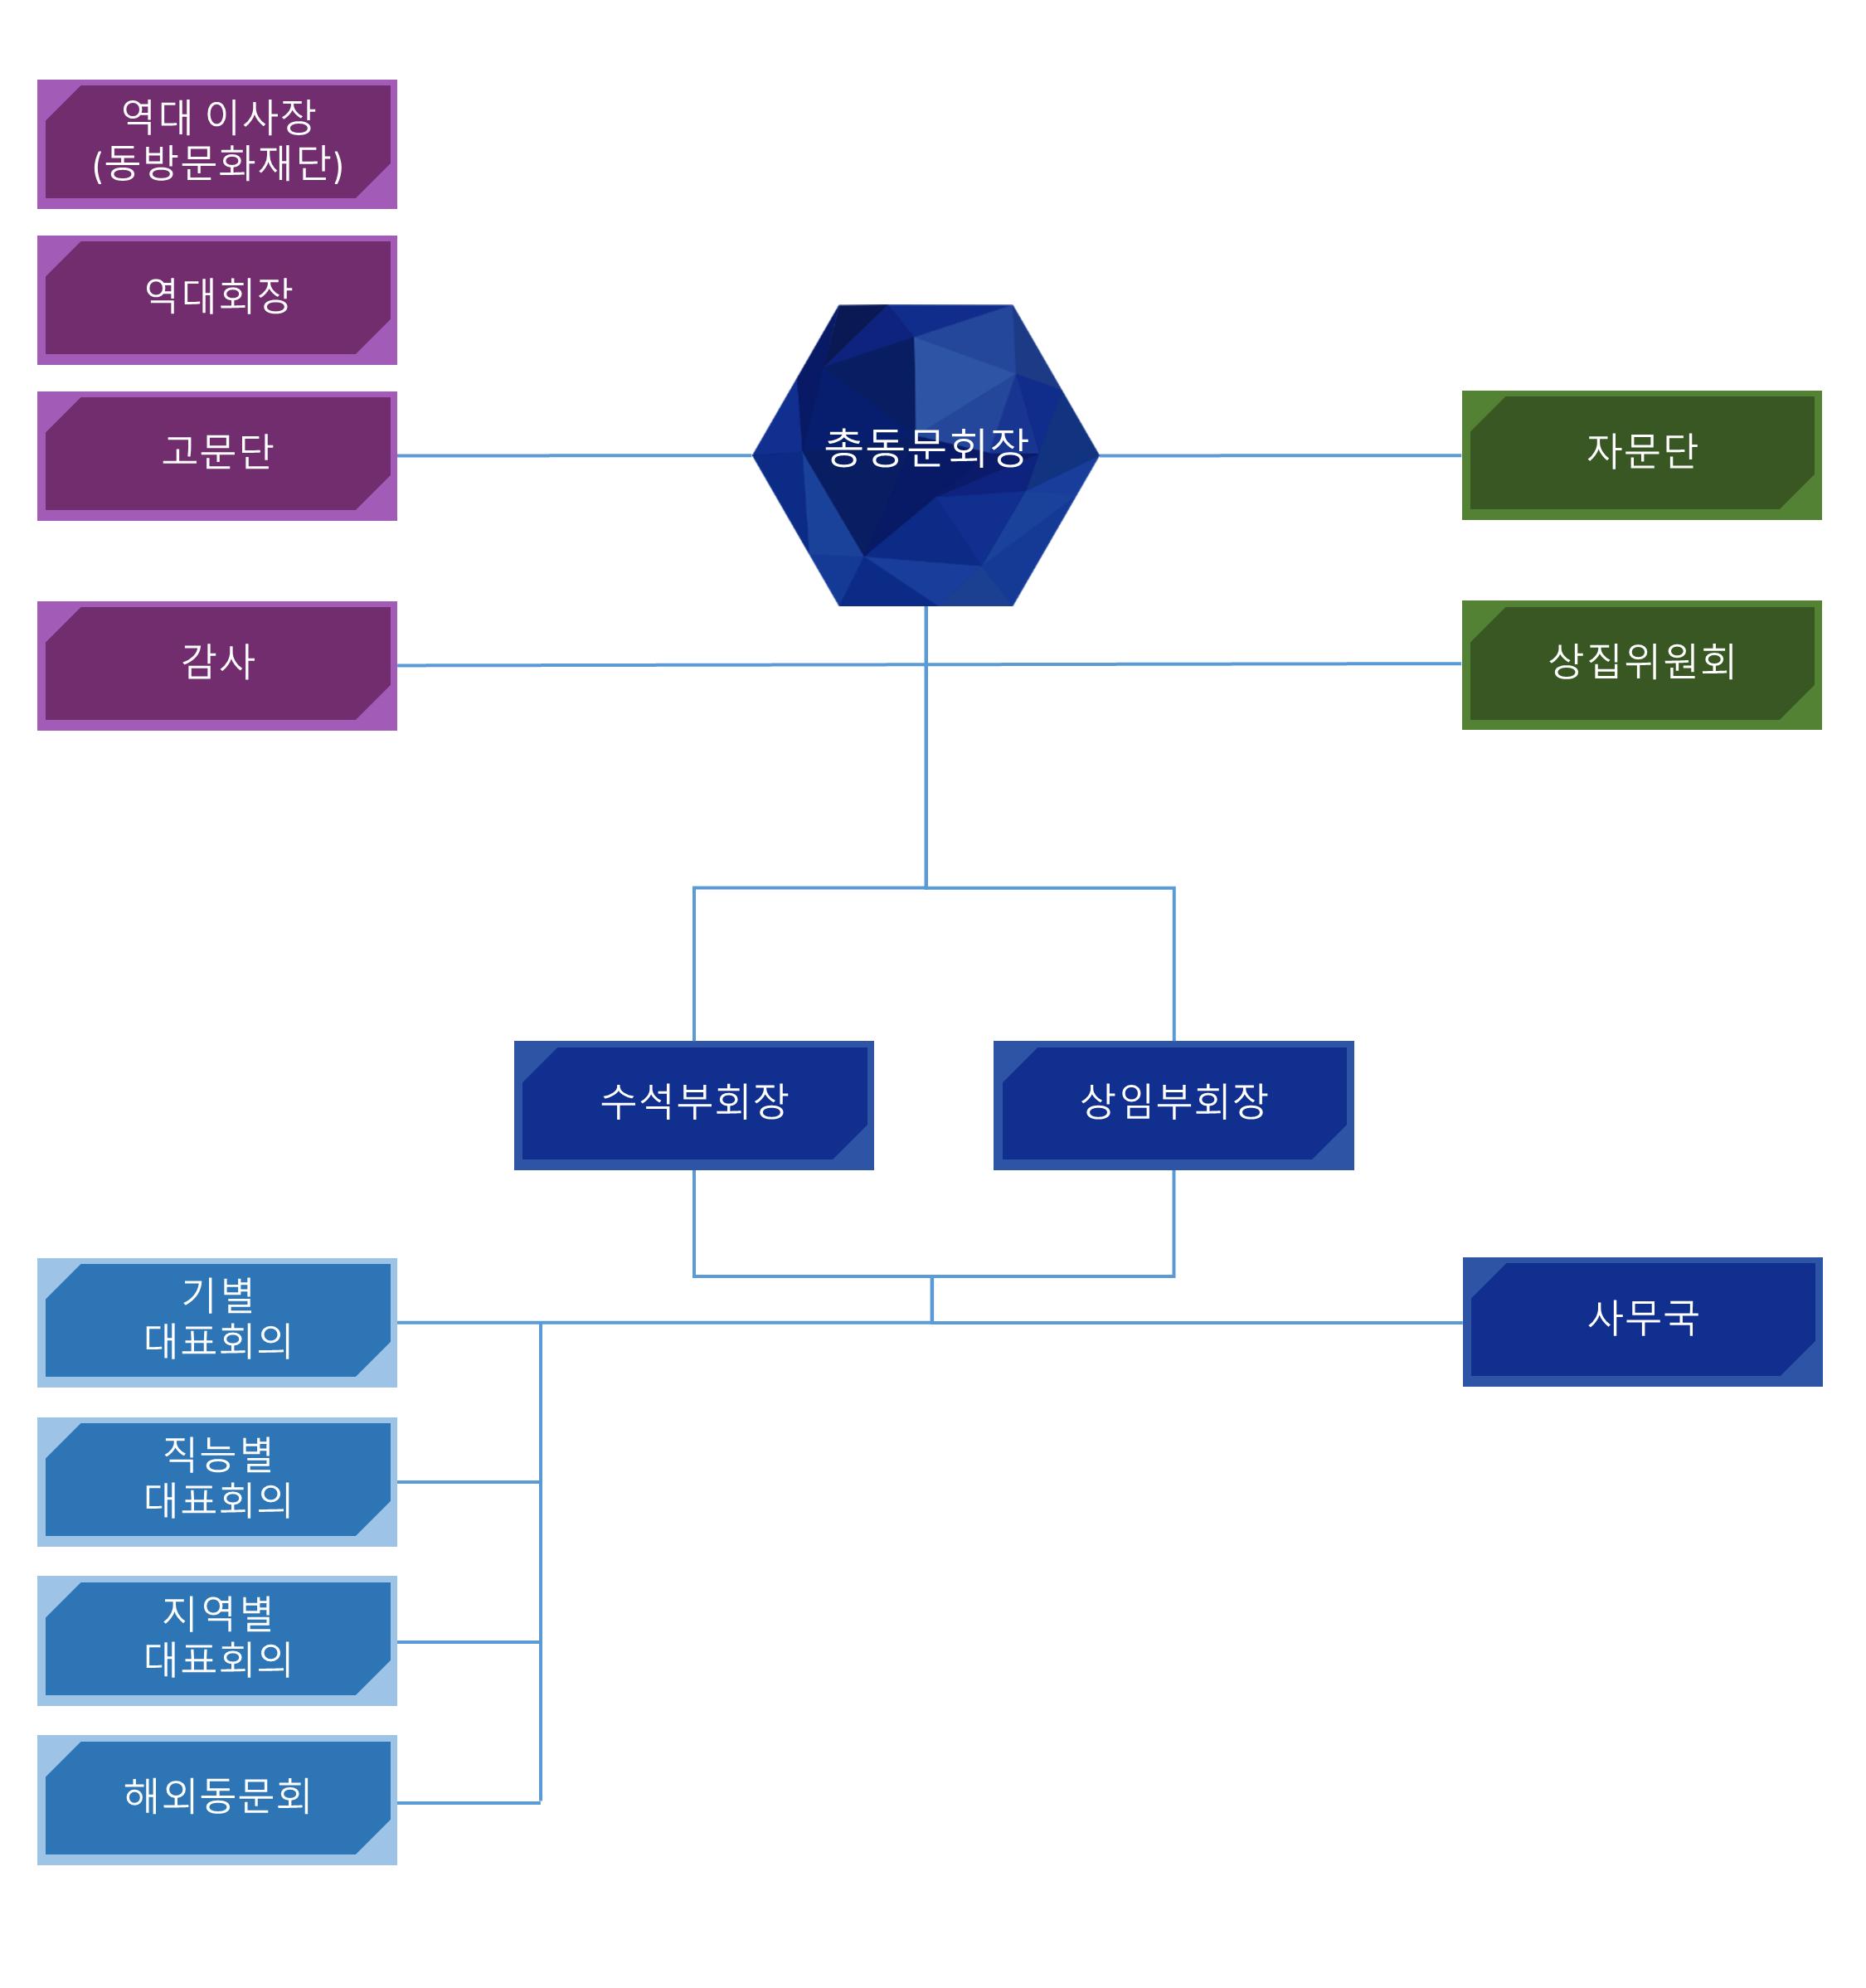 숭문중고총동문회 조직도.PNG